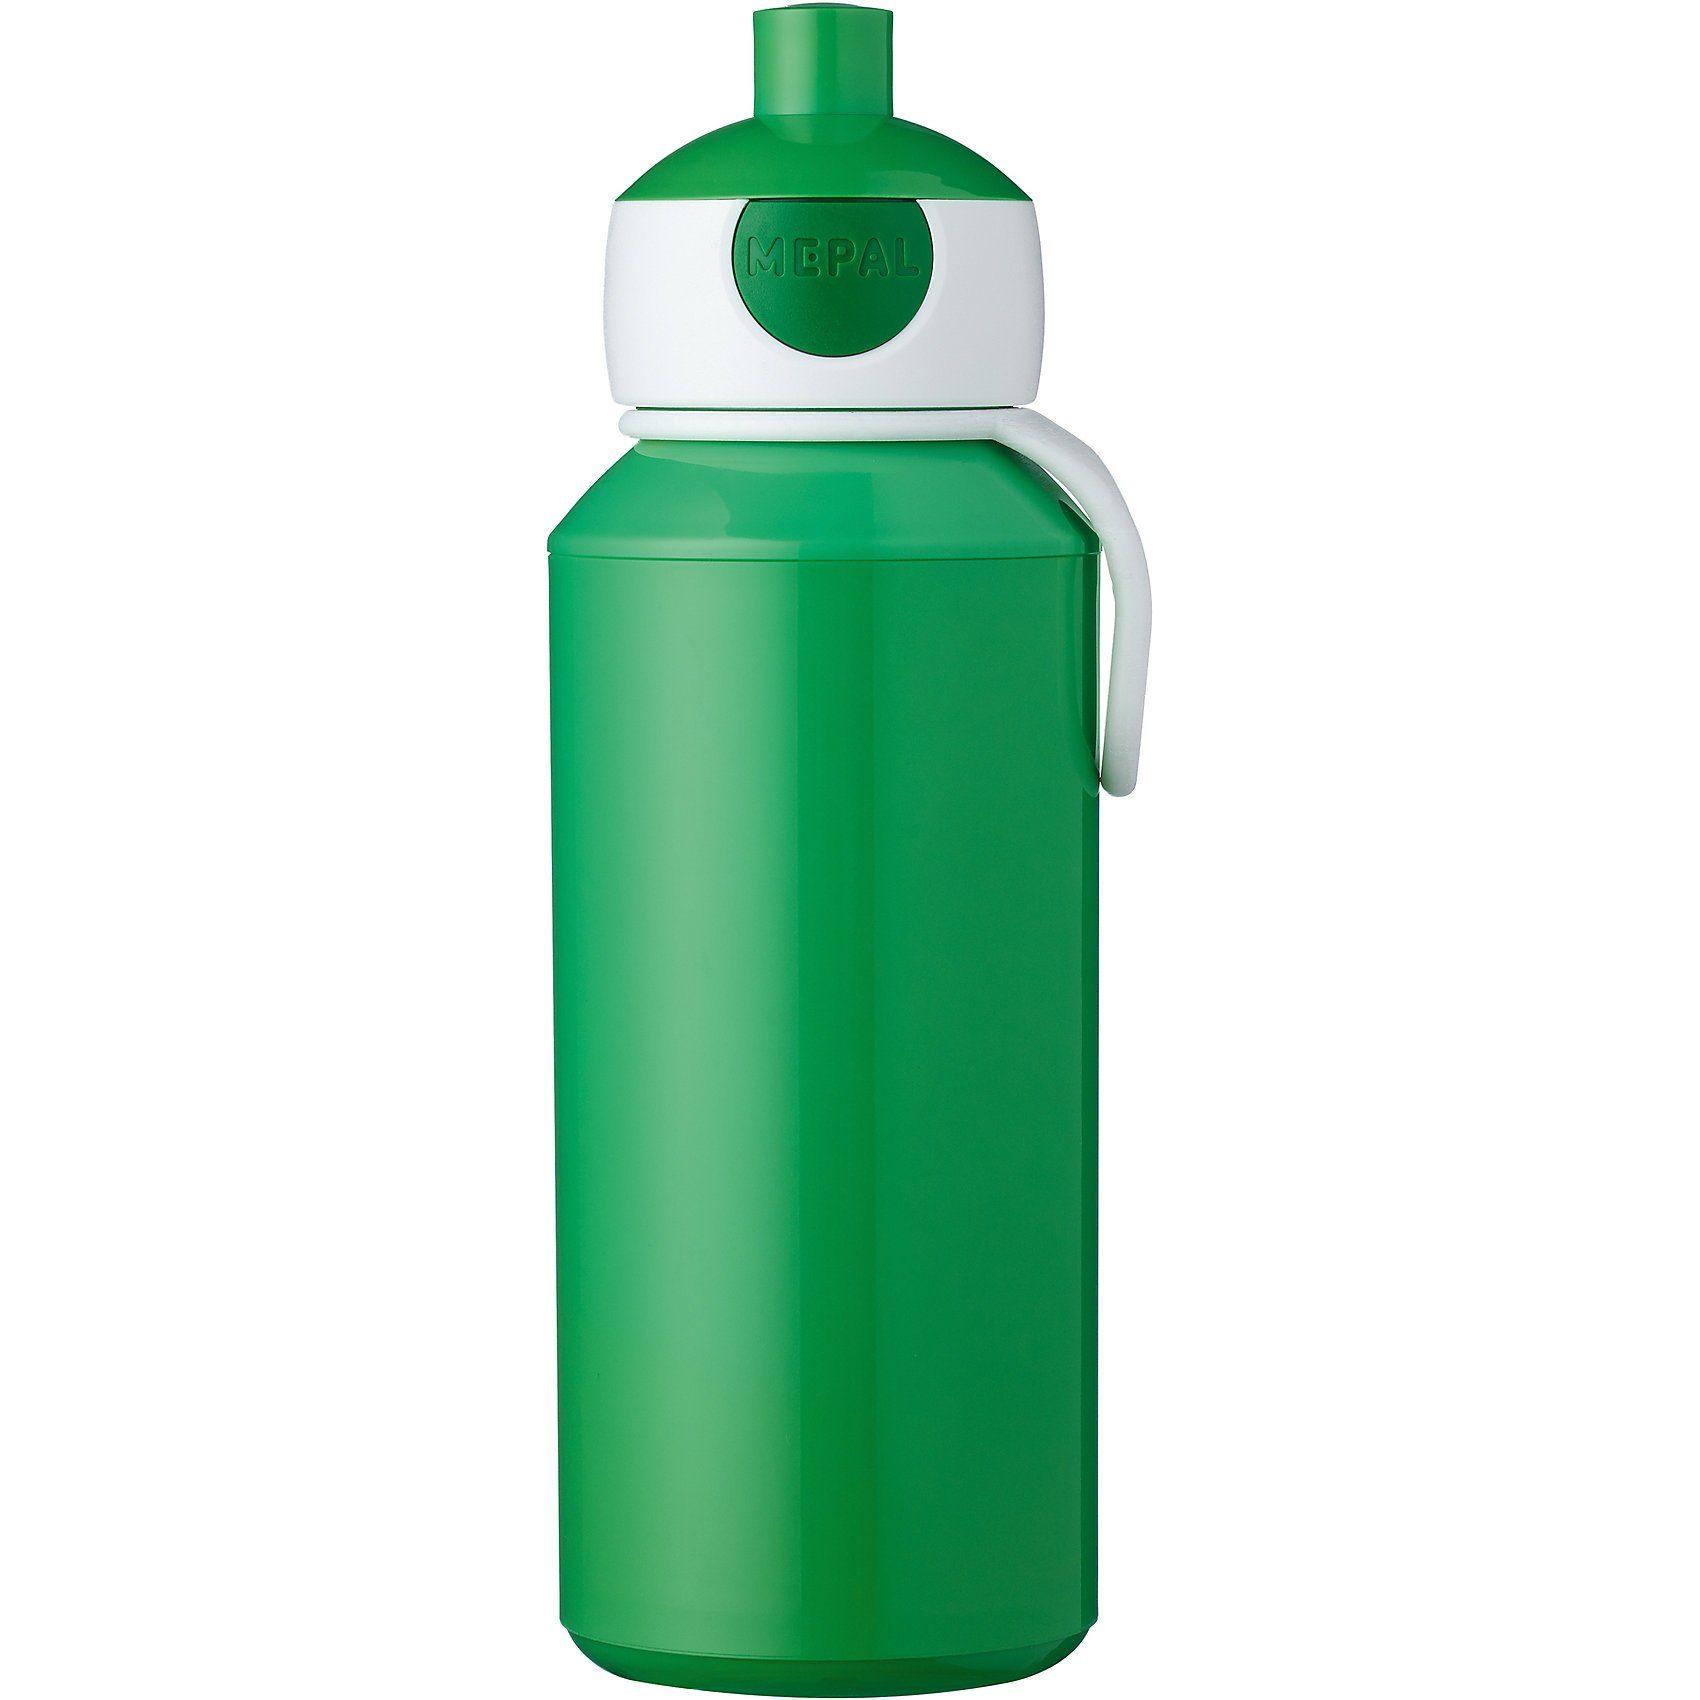 Rosti Mepal Trinkflasche pop-up campus grün, 400 ml